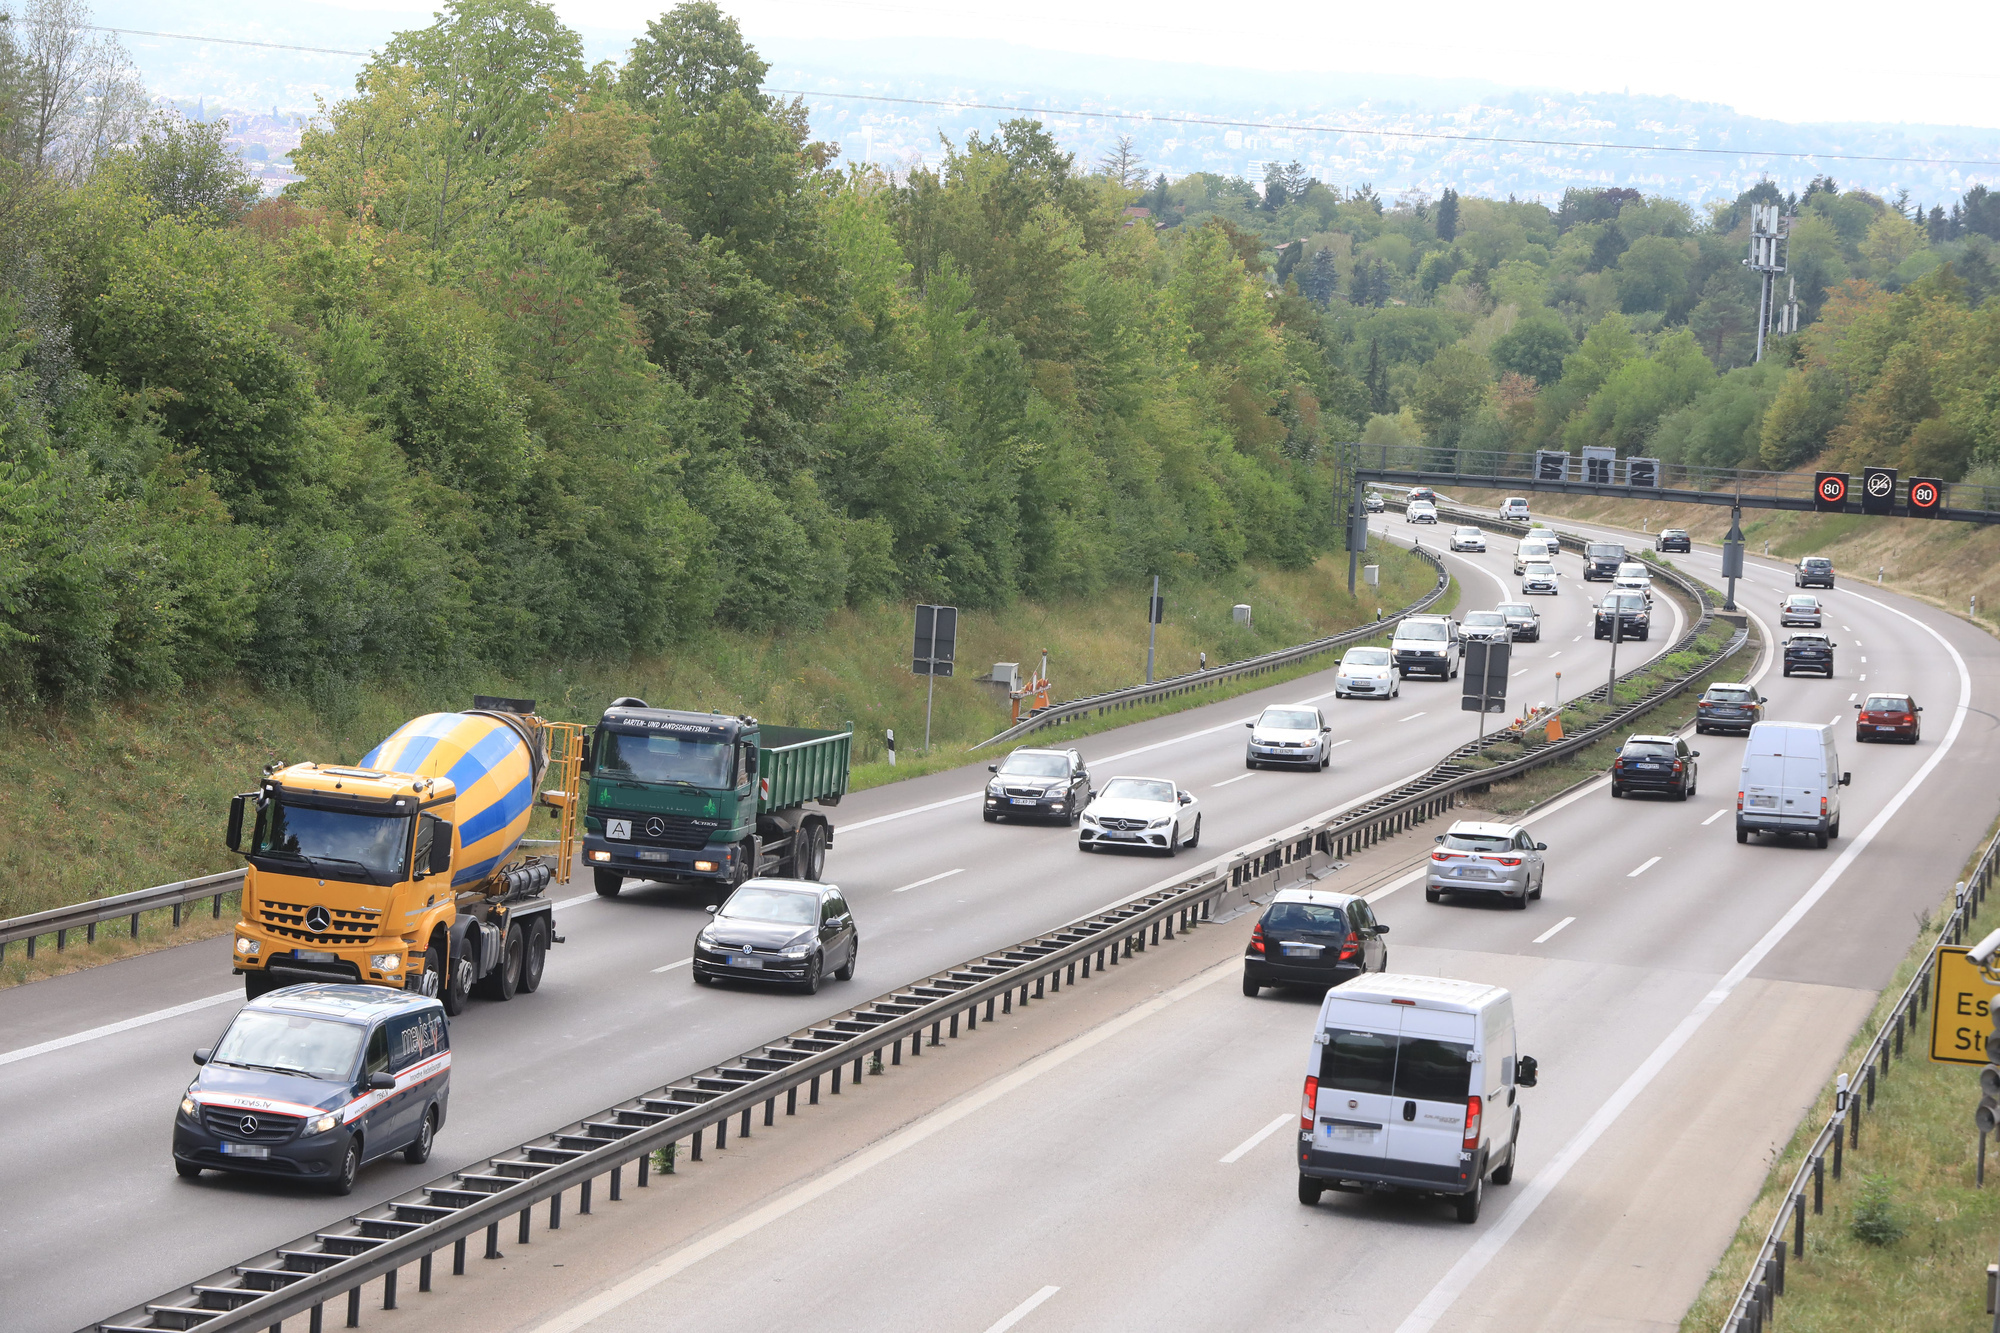 Sperrung Kappelbergtunnel Heute